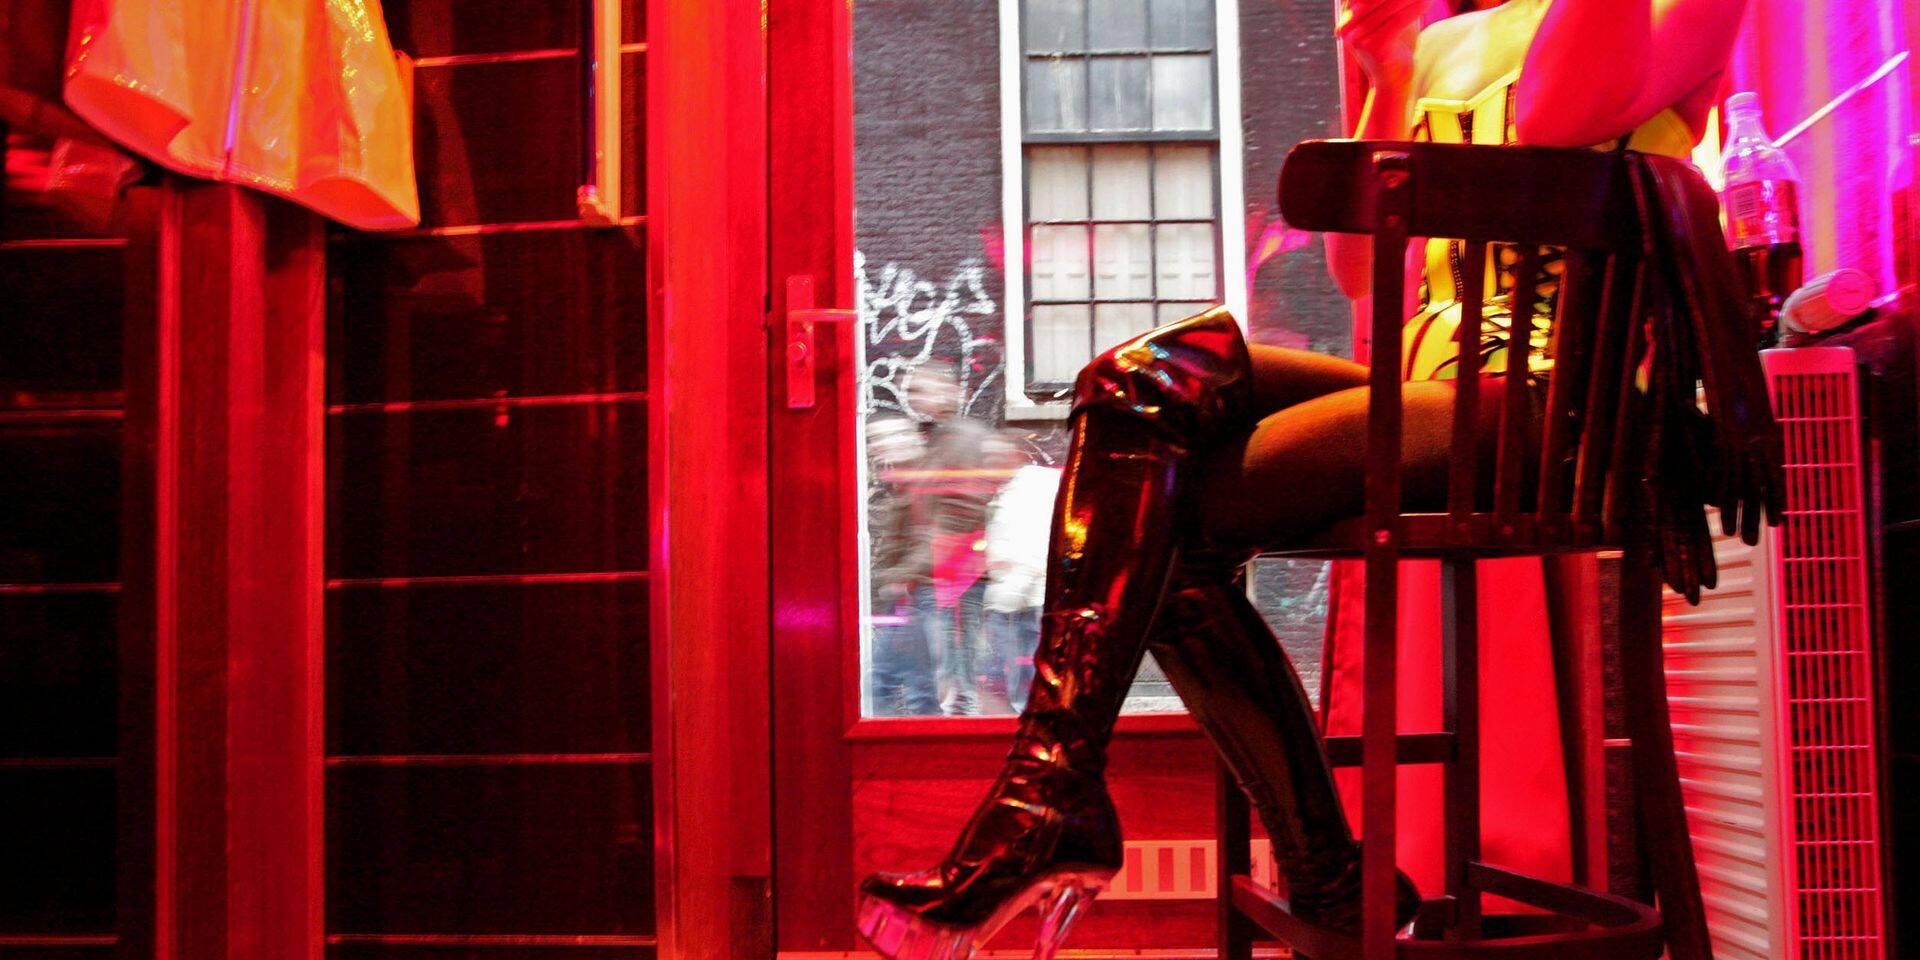 Un foyer de coronavirus lié à un club de strip-tease d'Amsterdam